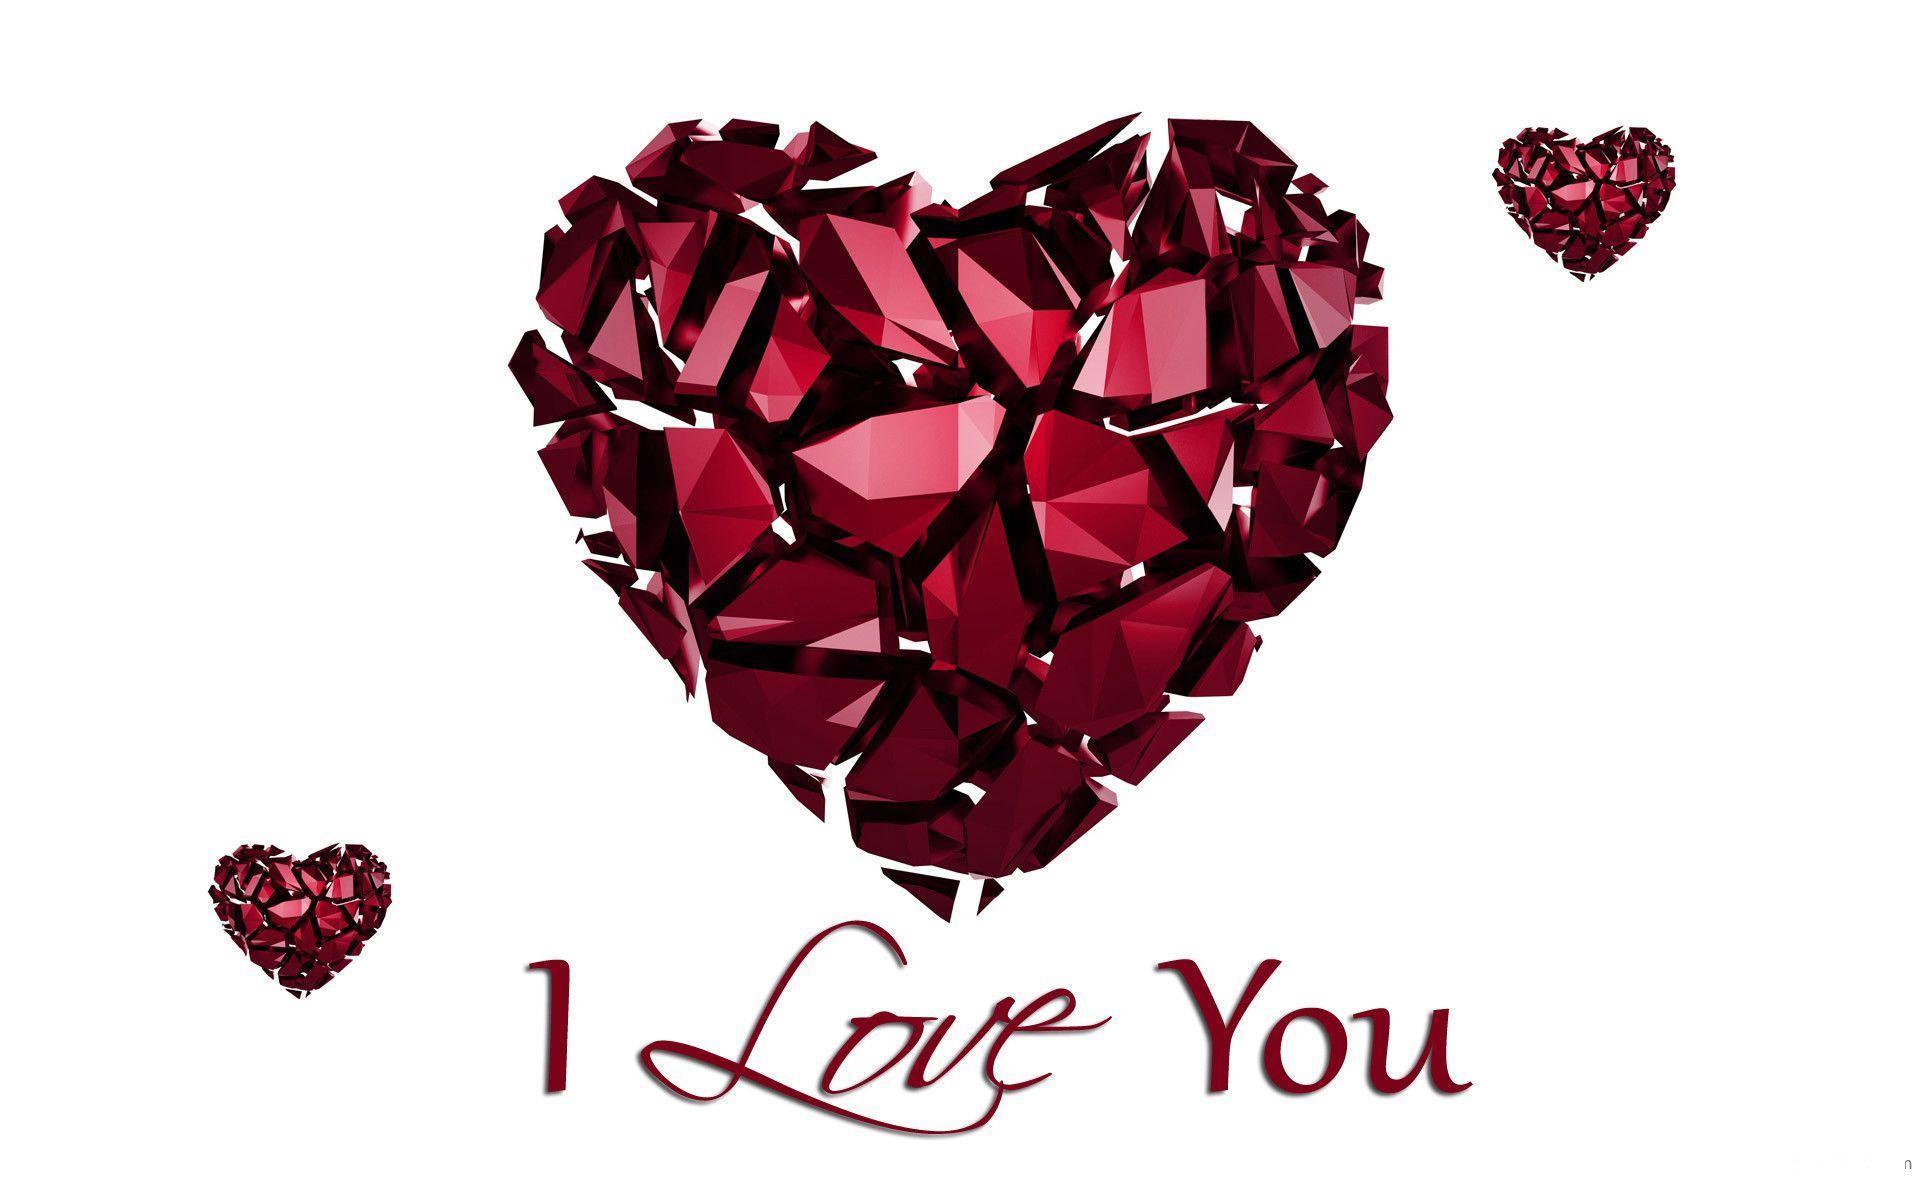 heart in love wallpaper